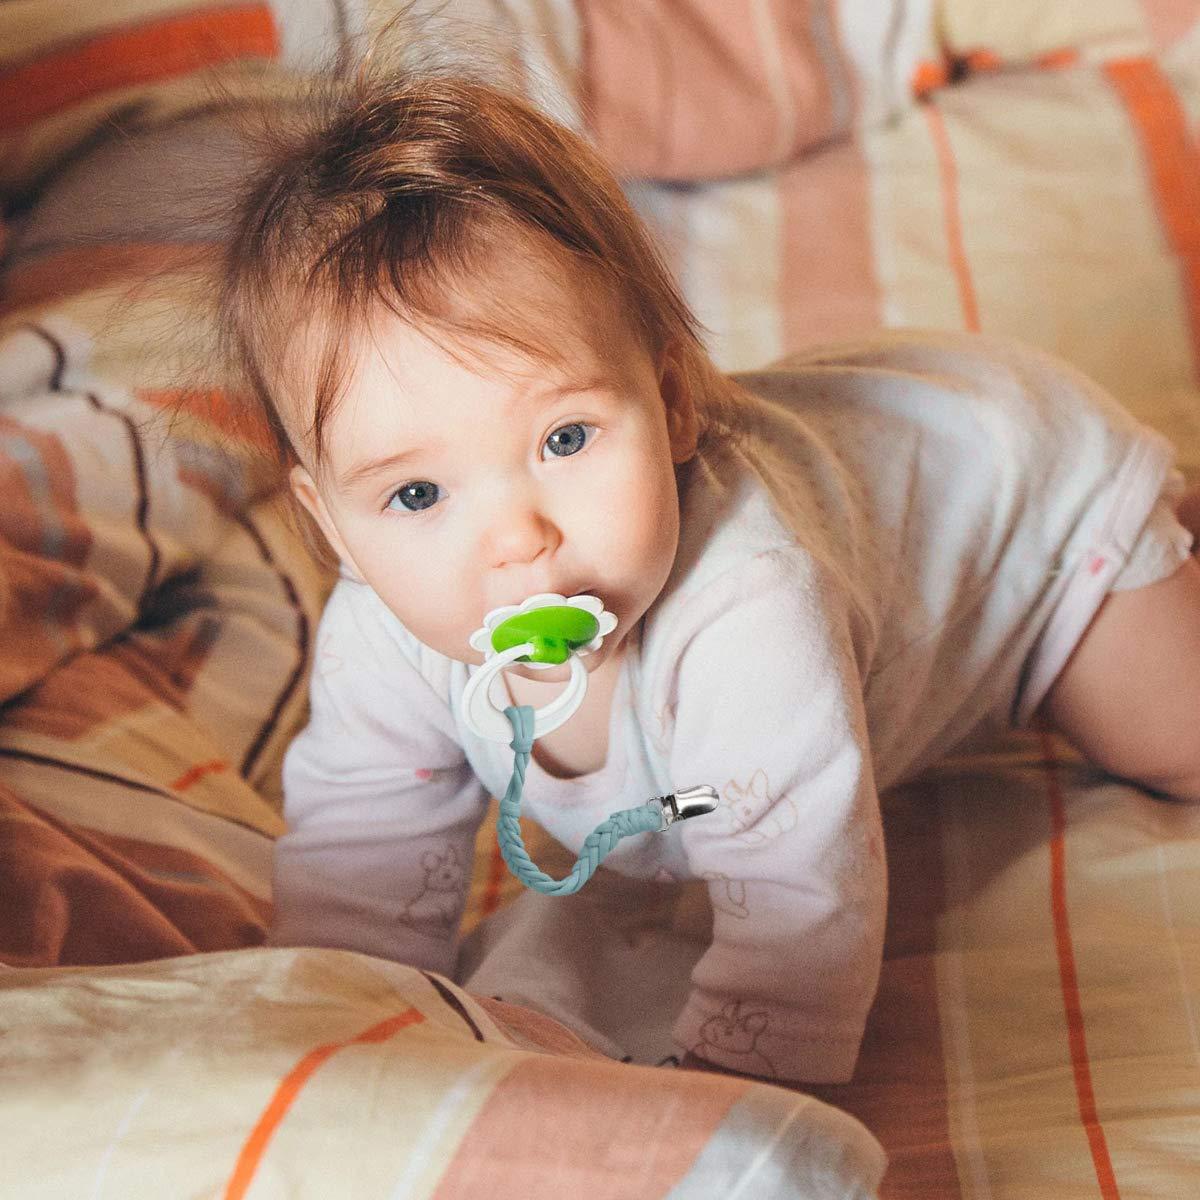 Amazon.com: Soporte para chupete de bebé para niños y niñas ...